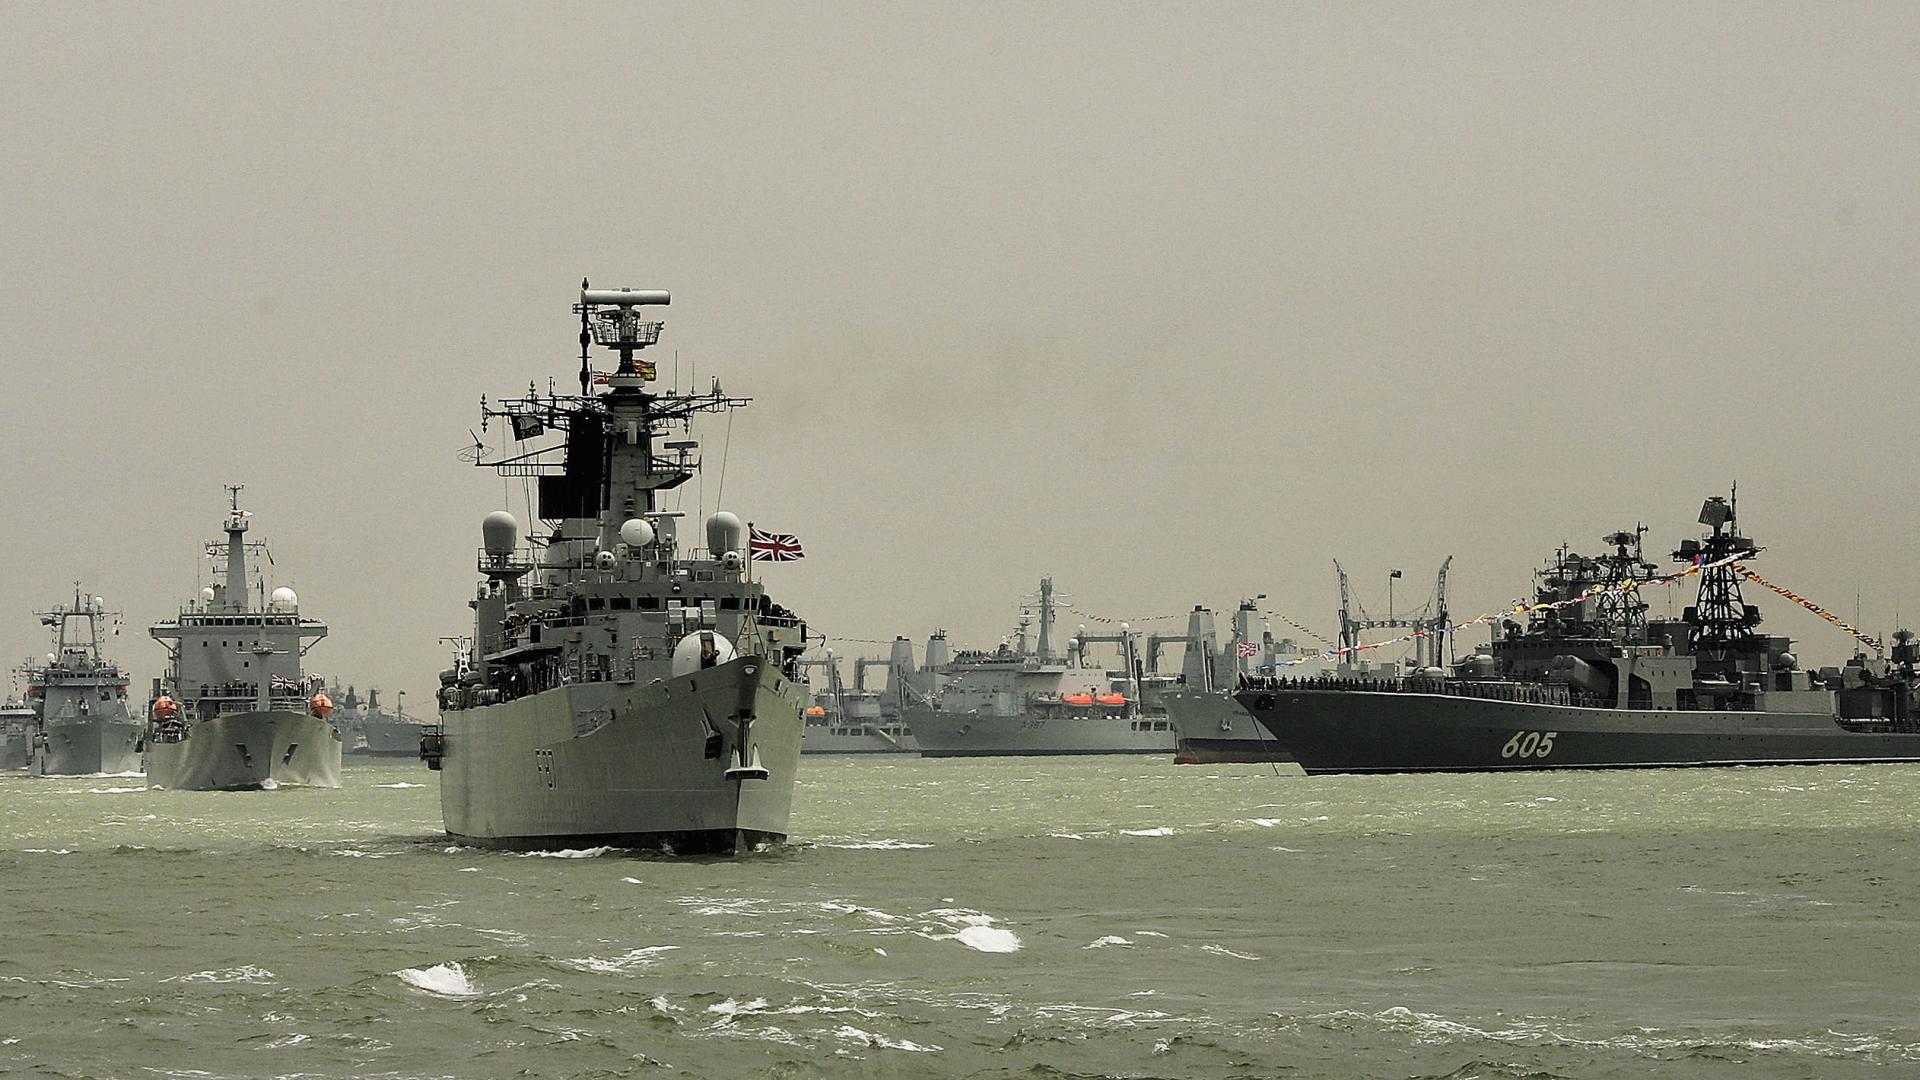 الولايات المتحدة وثلاث دول تجري مناورات بحرية في بحر العرب